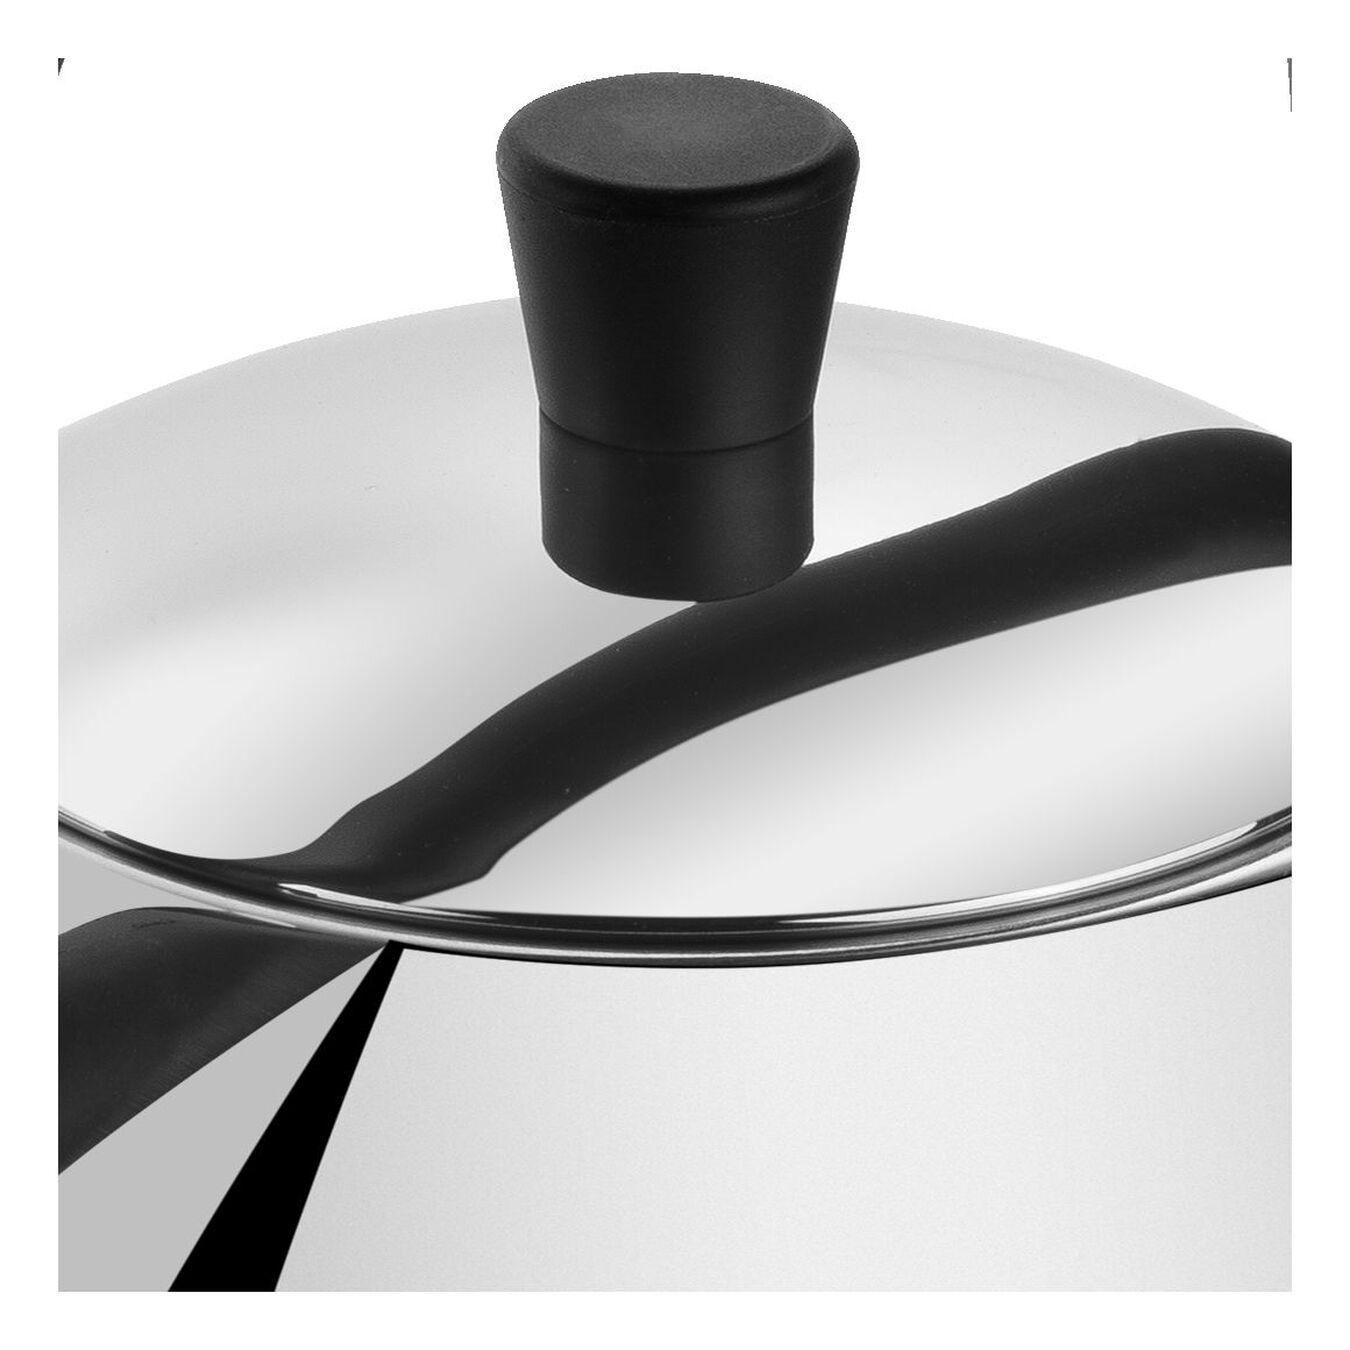 Su Isıtıcısı | 18/10 Paslanmaz Çelik | 1,6 l,,large 3